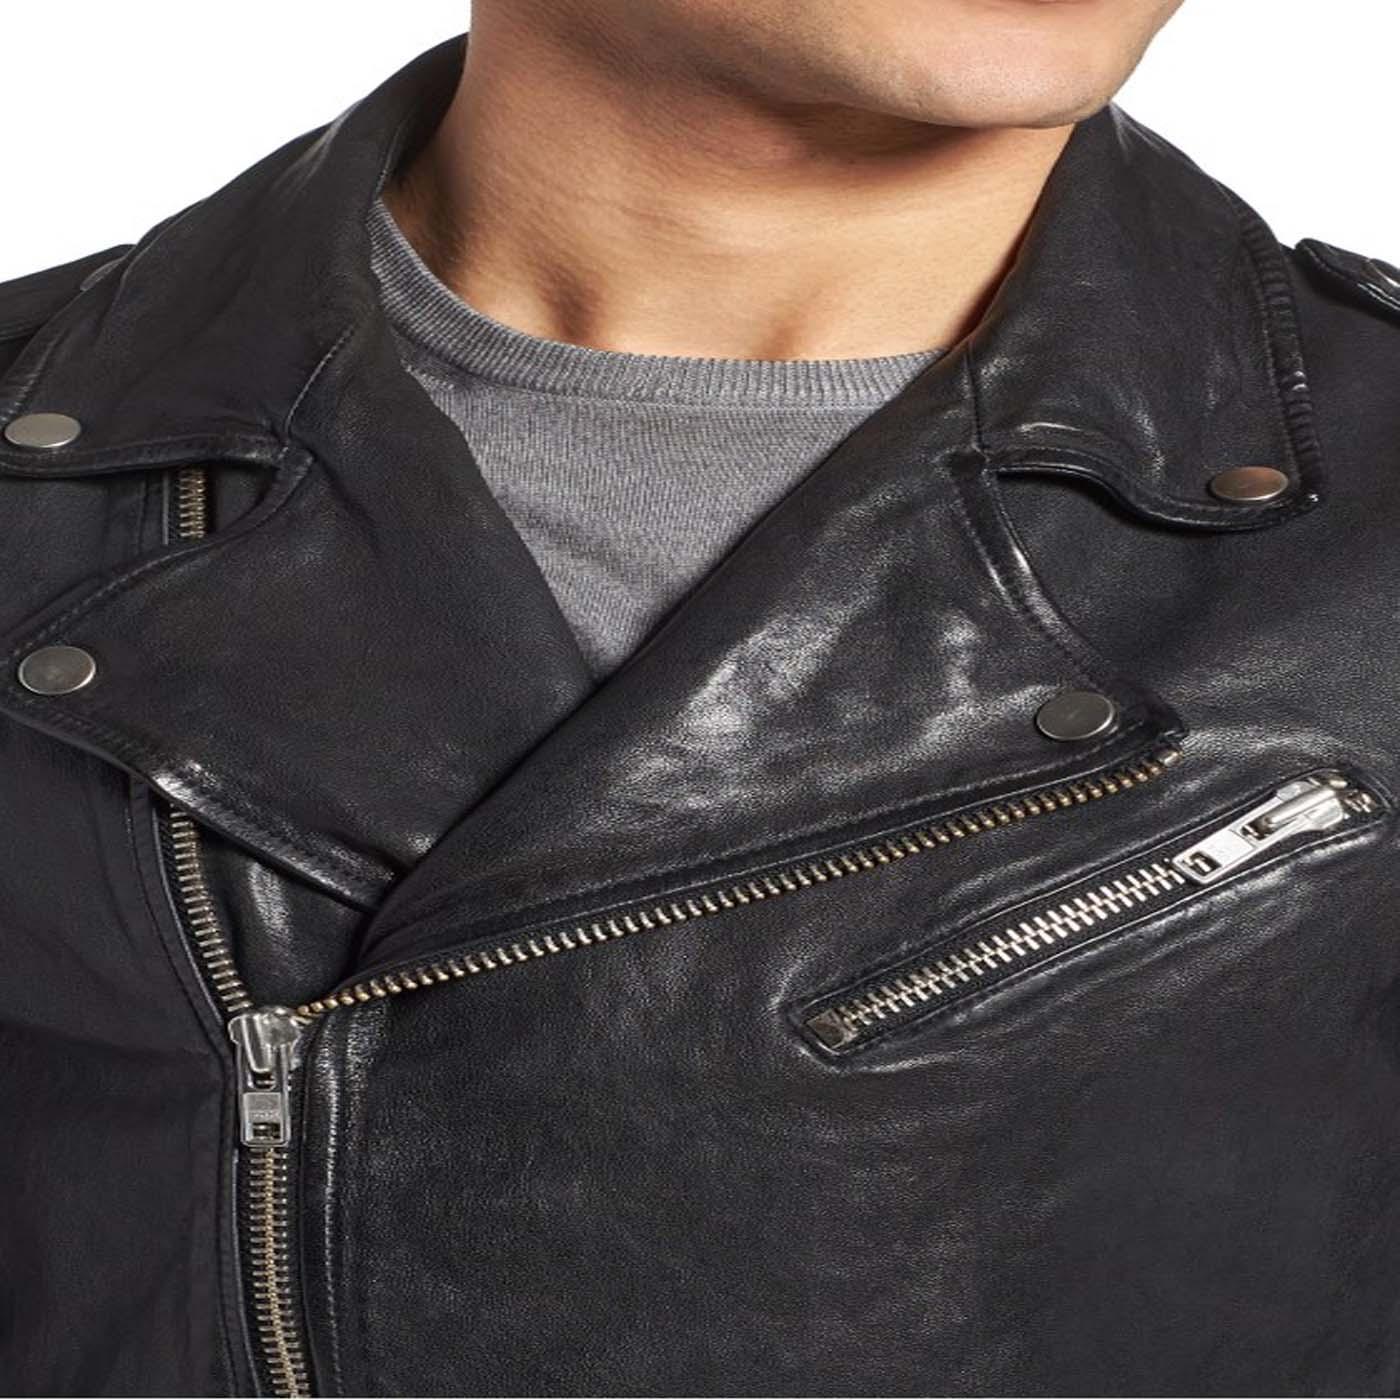 Leather Biker Jacket For Mens 1.